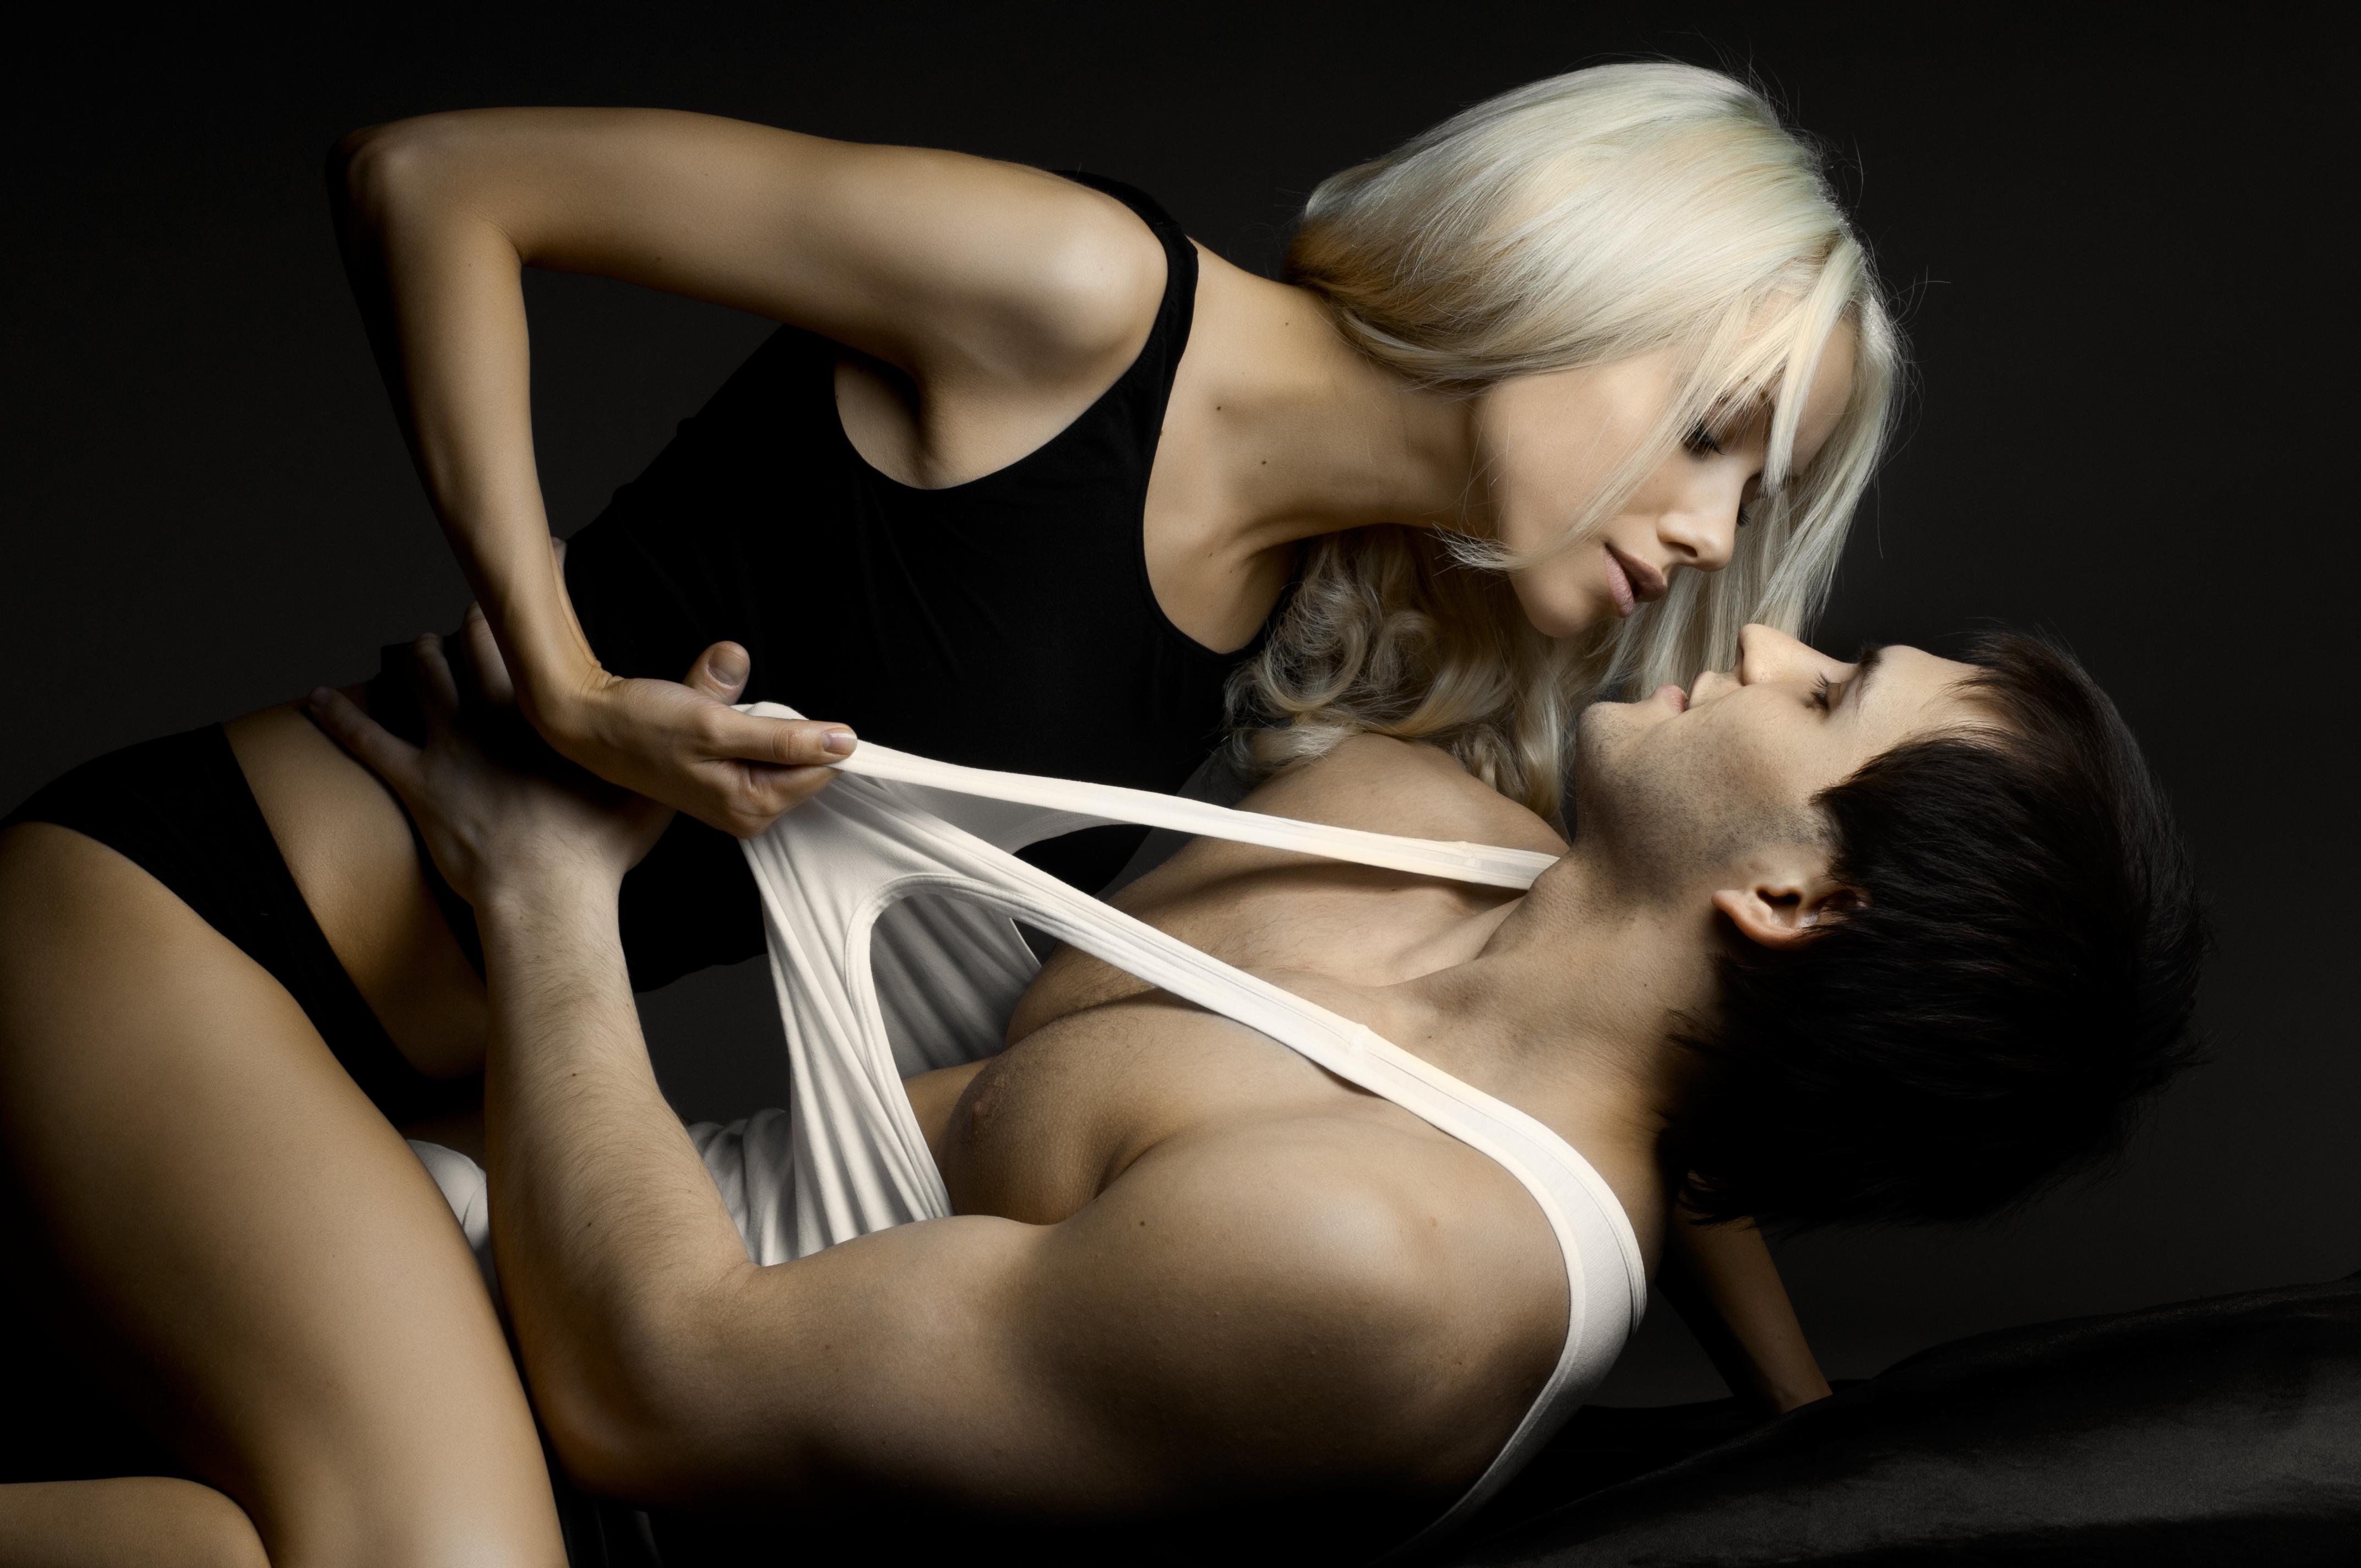 жесткий секс с применением секс игрушек мужчины и женщины некоторые фамилии